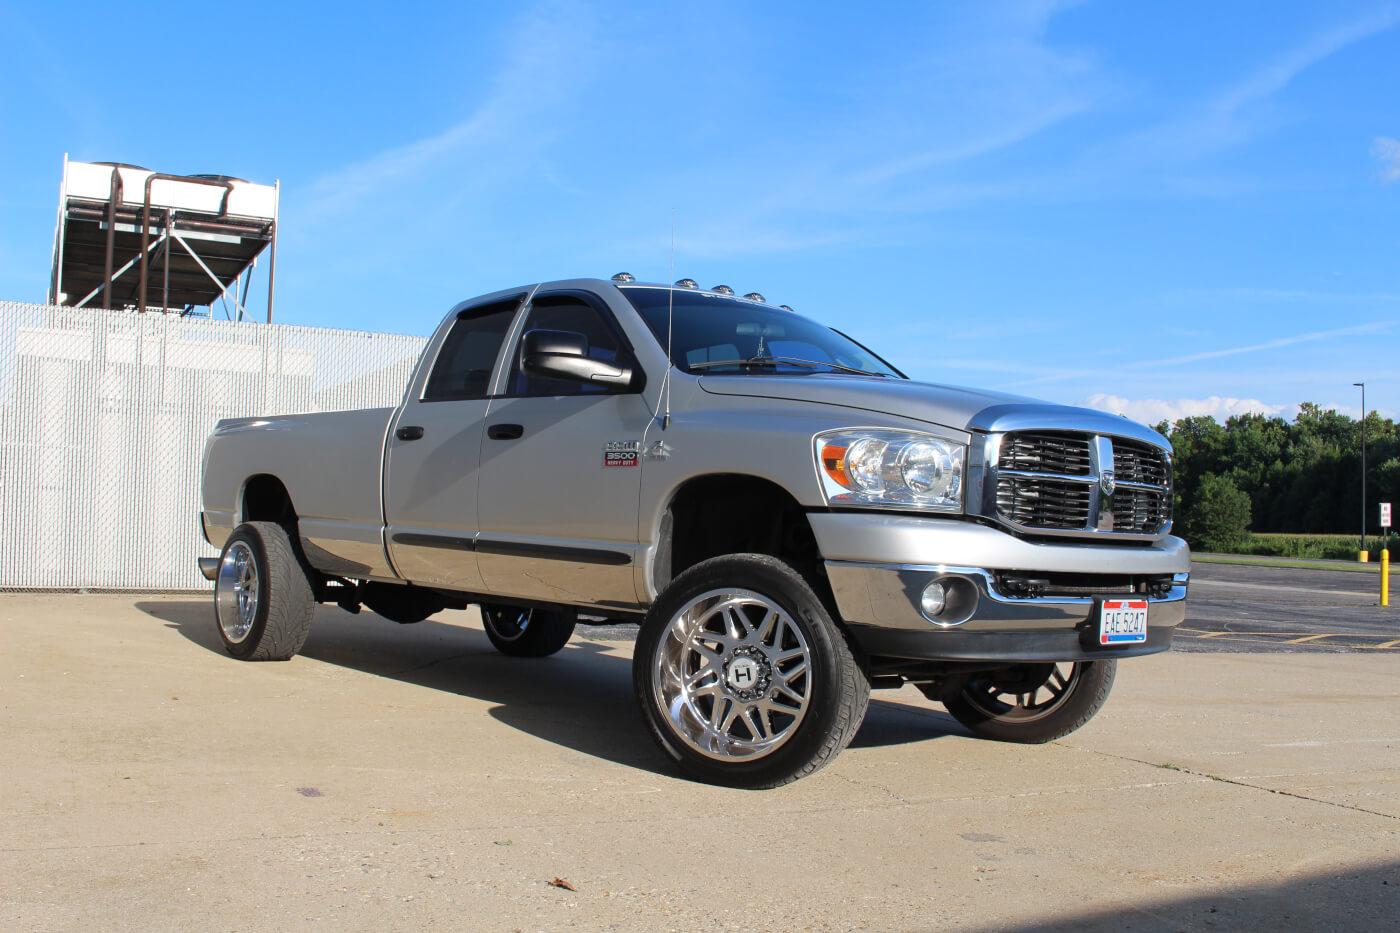 Diesel News 8-26-19